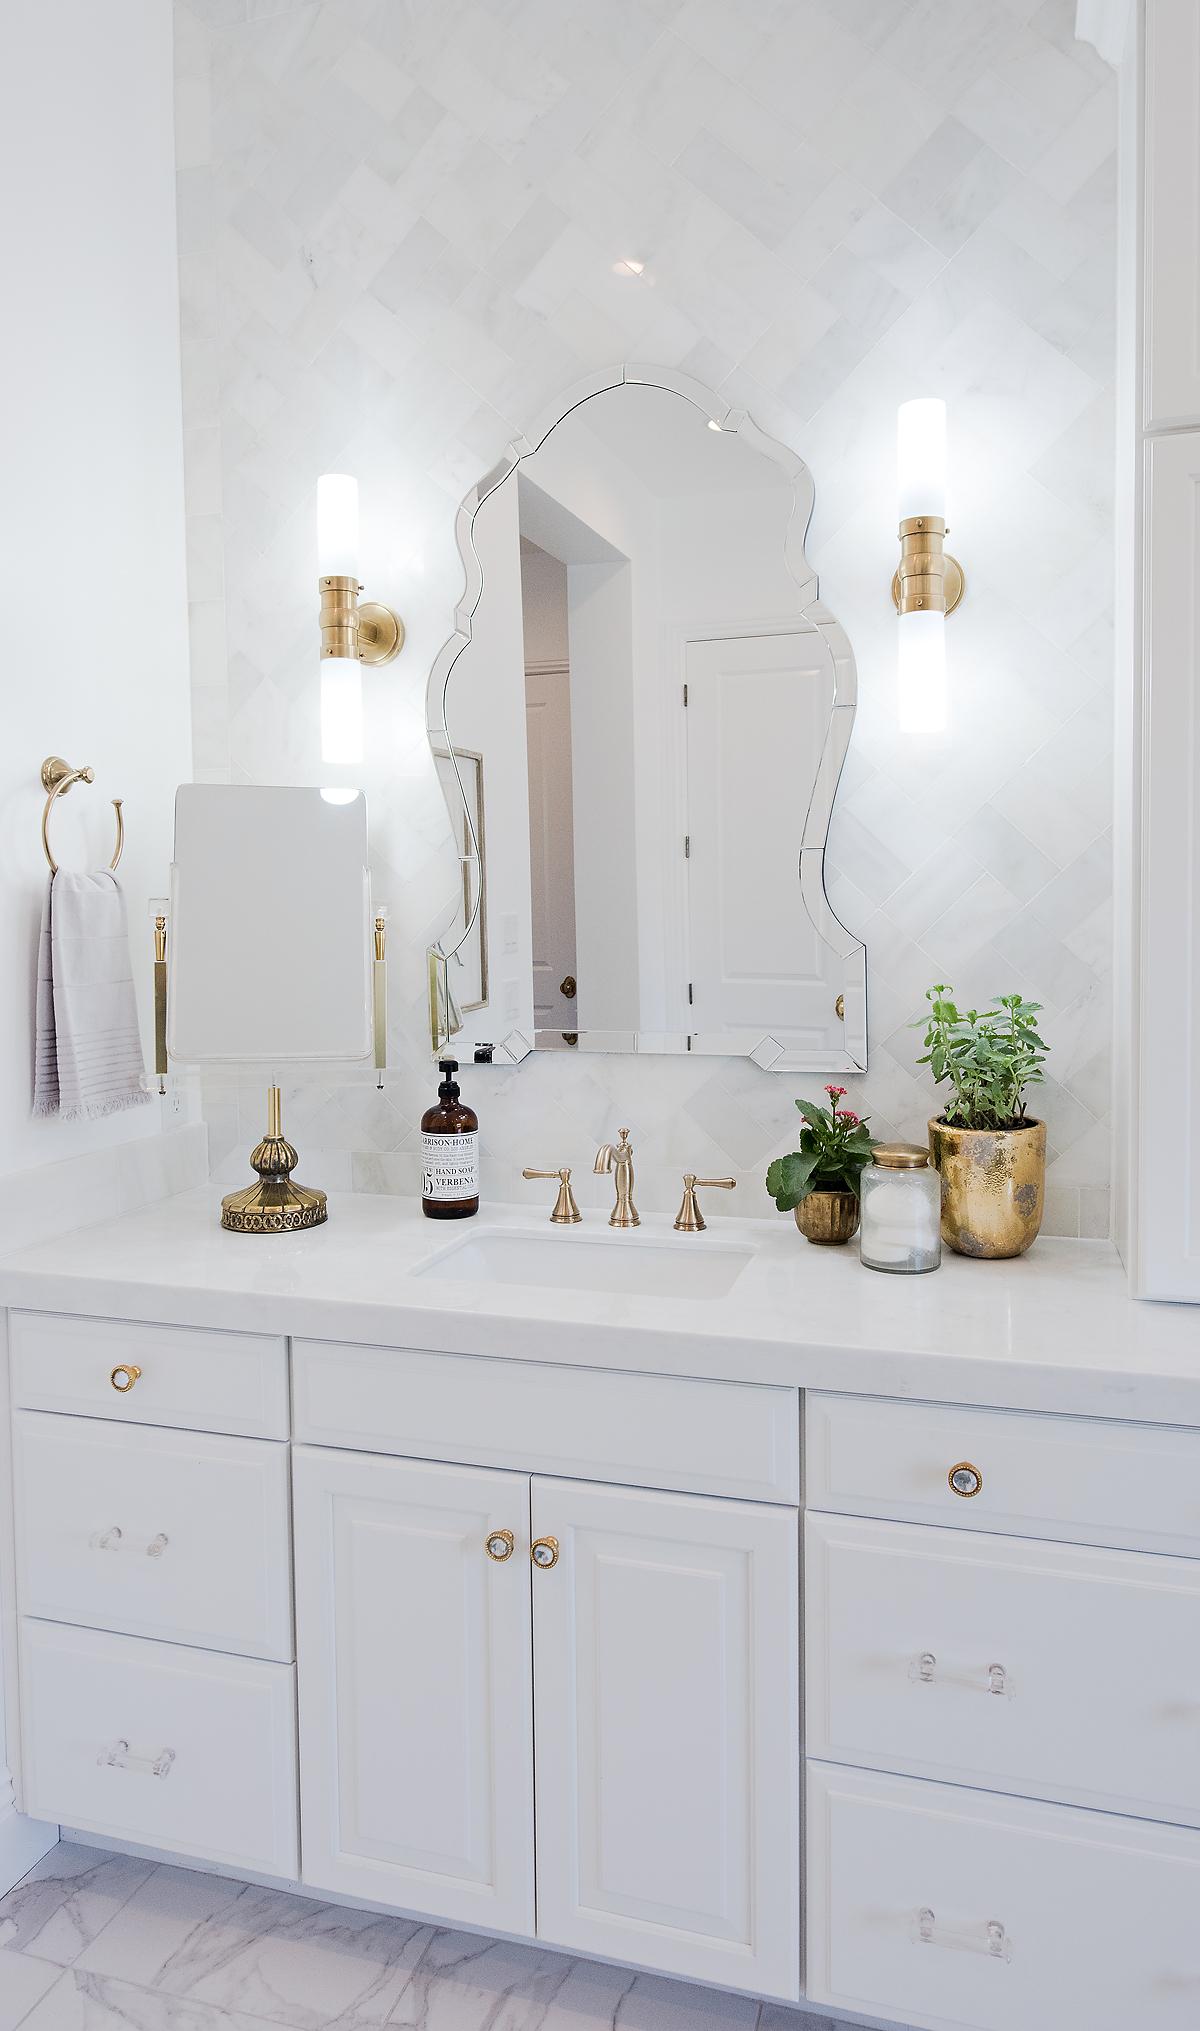 Bathroom Lights Gold Finish master bathroom reveal & rejuvenation giveaway! –